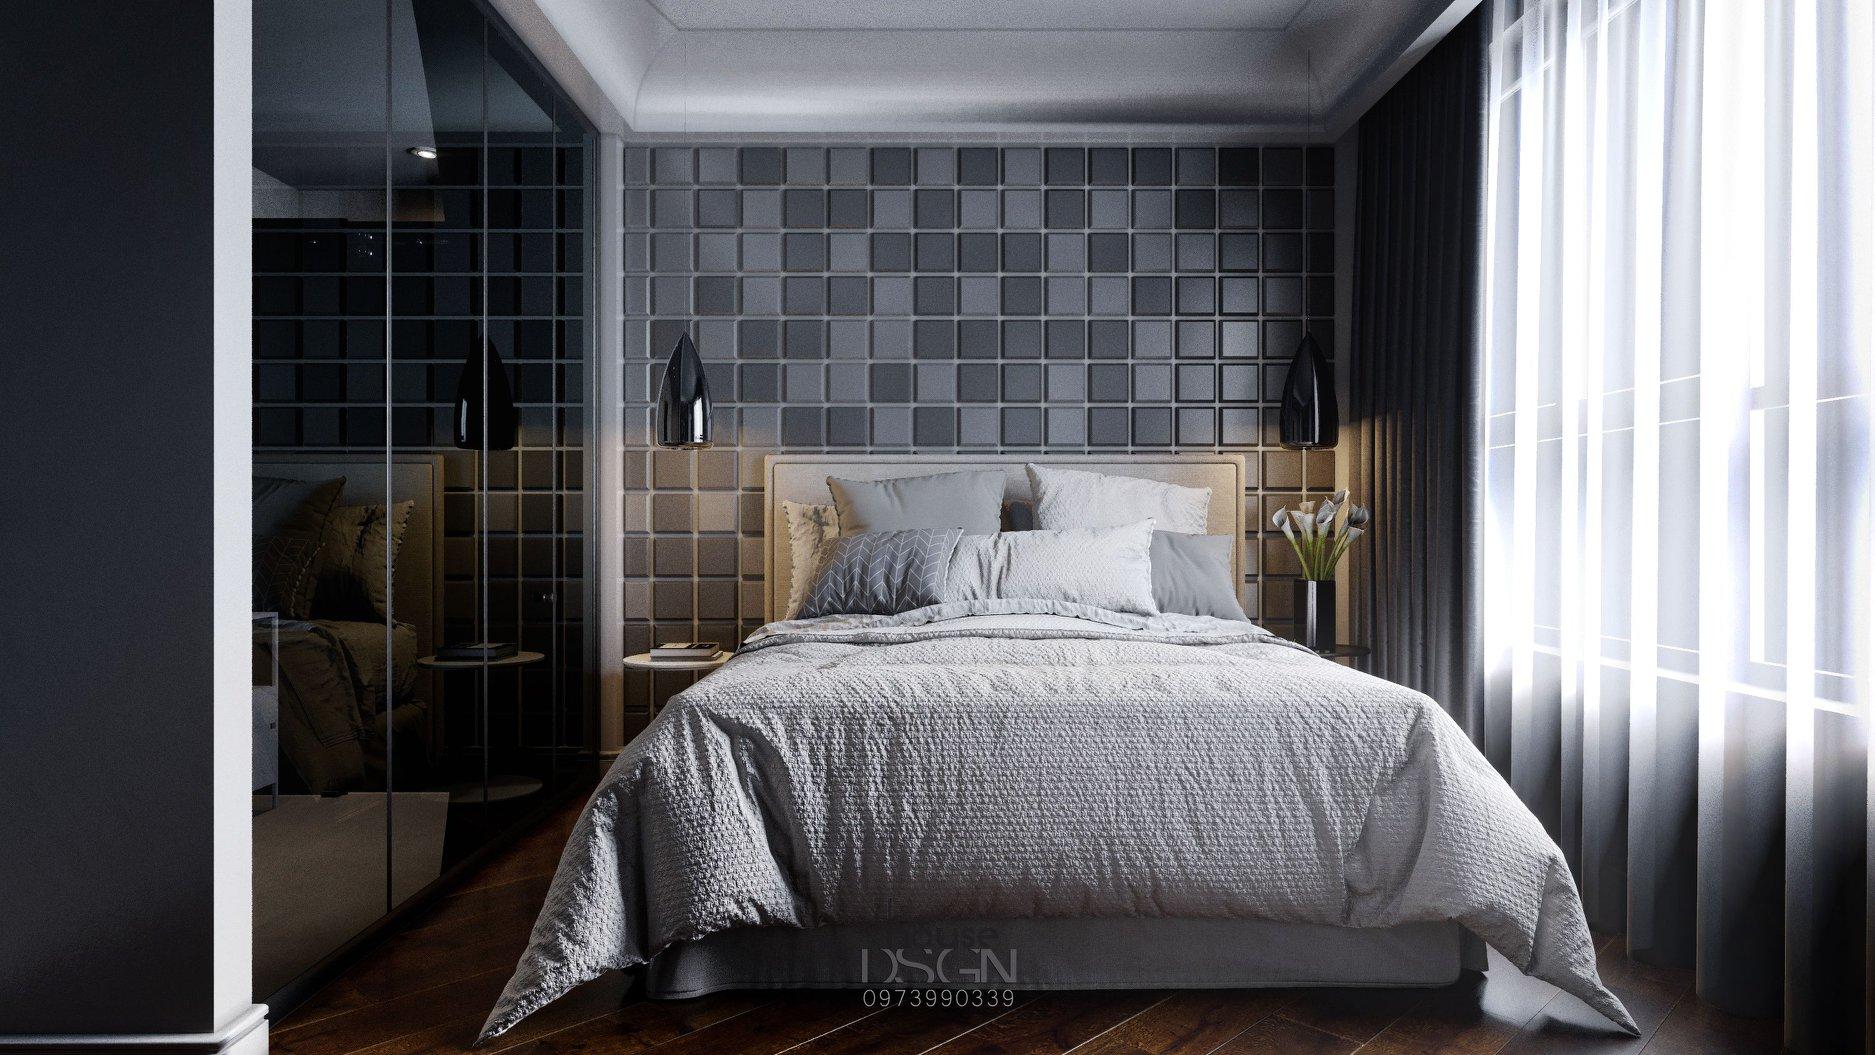 thiết kế nội thất khách sạn - Housedesign